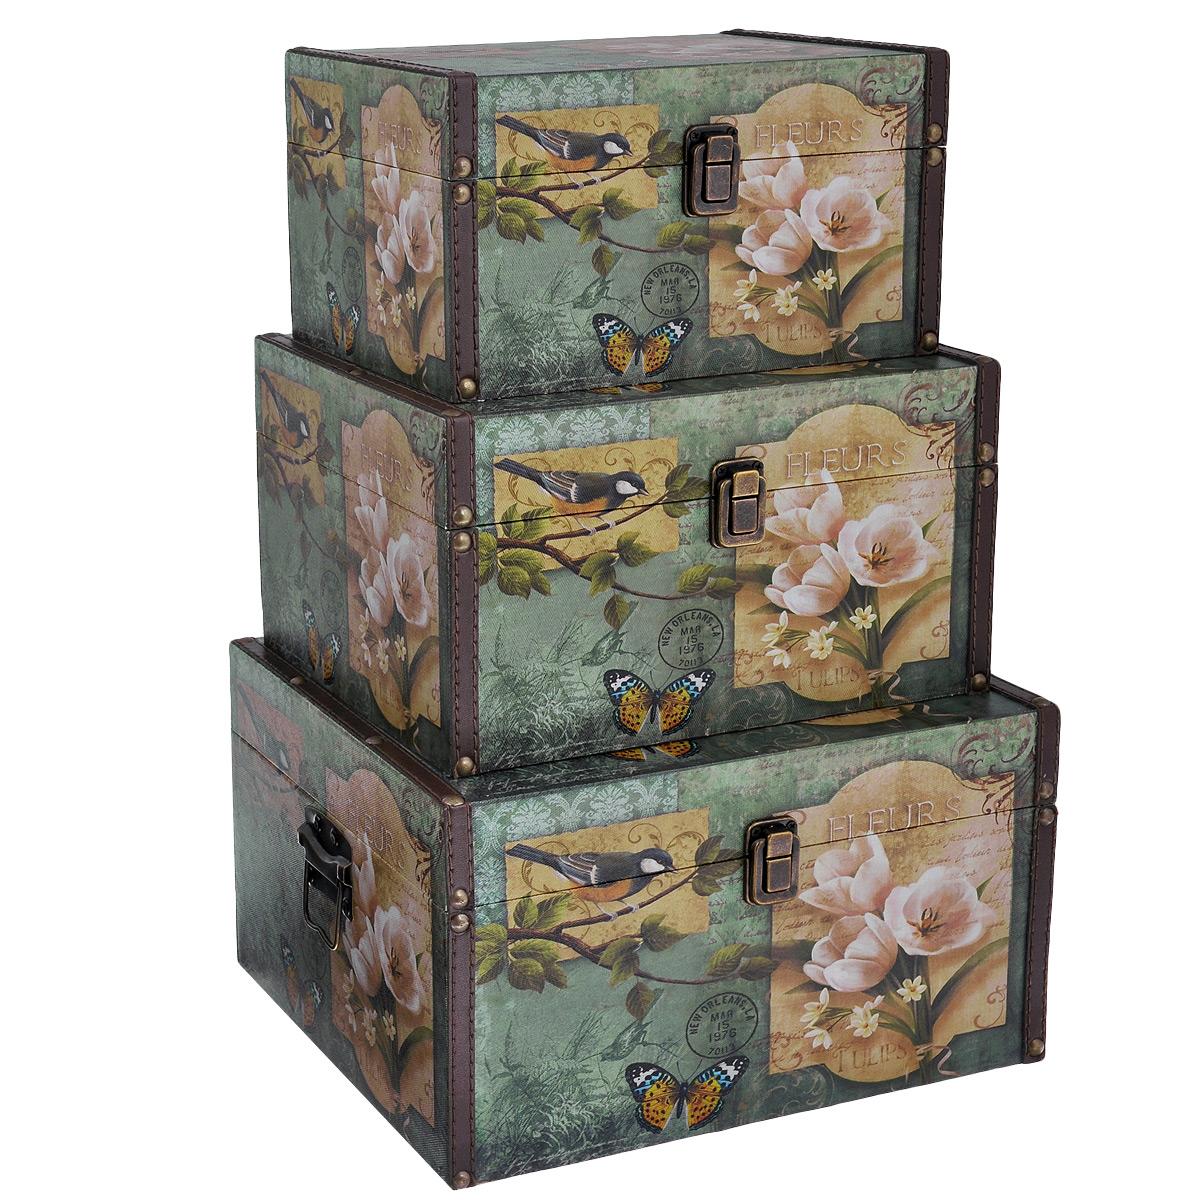 Набор шкатулок для рукоделия Весна, цвет: зеленый, светло-коричневый, 3 штTL3976R1Набор Весна состоит из трех шкатулок разного размера, изготовленных из МДФ, картона и холщовой ткани и оснащенных крышками. Изделия декорированы изображением цветов, птицы и бабочки. Крышки закрываются на металлический замок-защелку. Внутри изделия обтянуты тканью коричневого цвета. Самая большая шкатулка имеет по бокам две металлические ручки для удобной переноски. Изящные шкатулки с ярким дизайном, складывающиеся одна в другую, предназначены для хранения мелочей, принадлежностей для шитья и творчества и других аксессуаров. Они красиво оформят интерьер комнаты и помогут хранить ваши вещи в порядке. Размер большой шкатулки: 30 см х 24 см х 17 см. Размер средней шкатулки: 27 см х 20 см х 15 см. Размер маленькой шкатулки: 24 см х 16 см х 13 см.